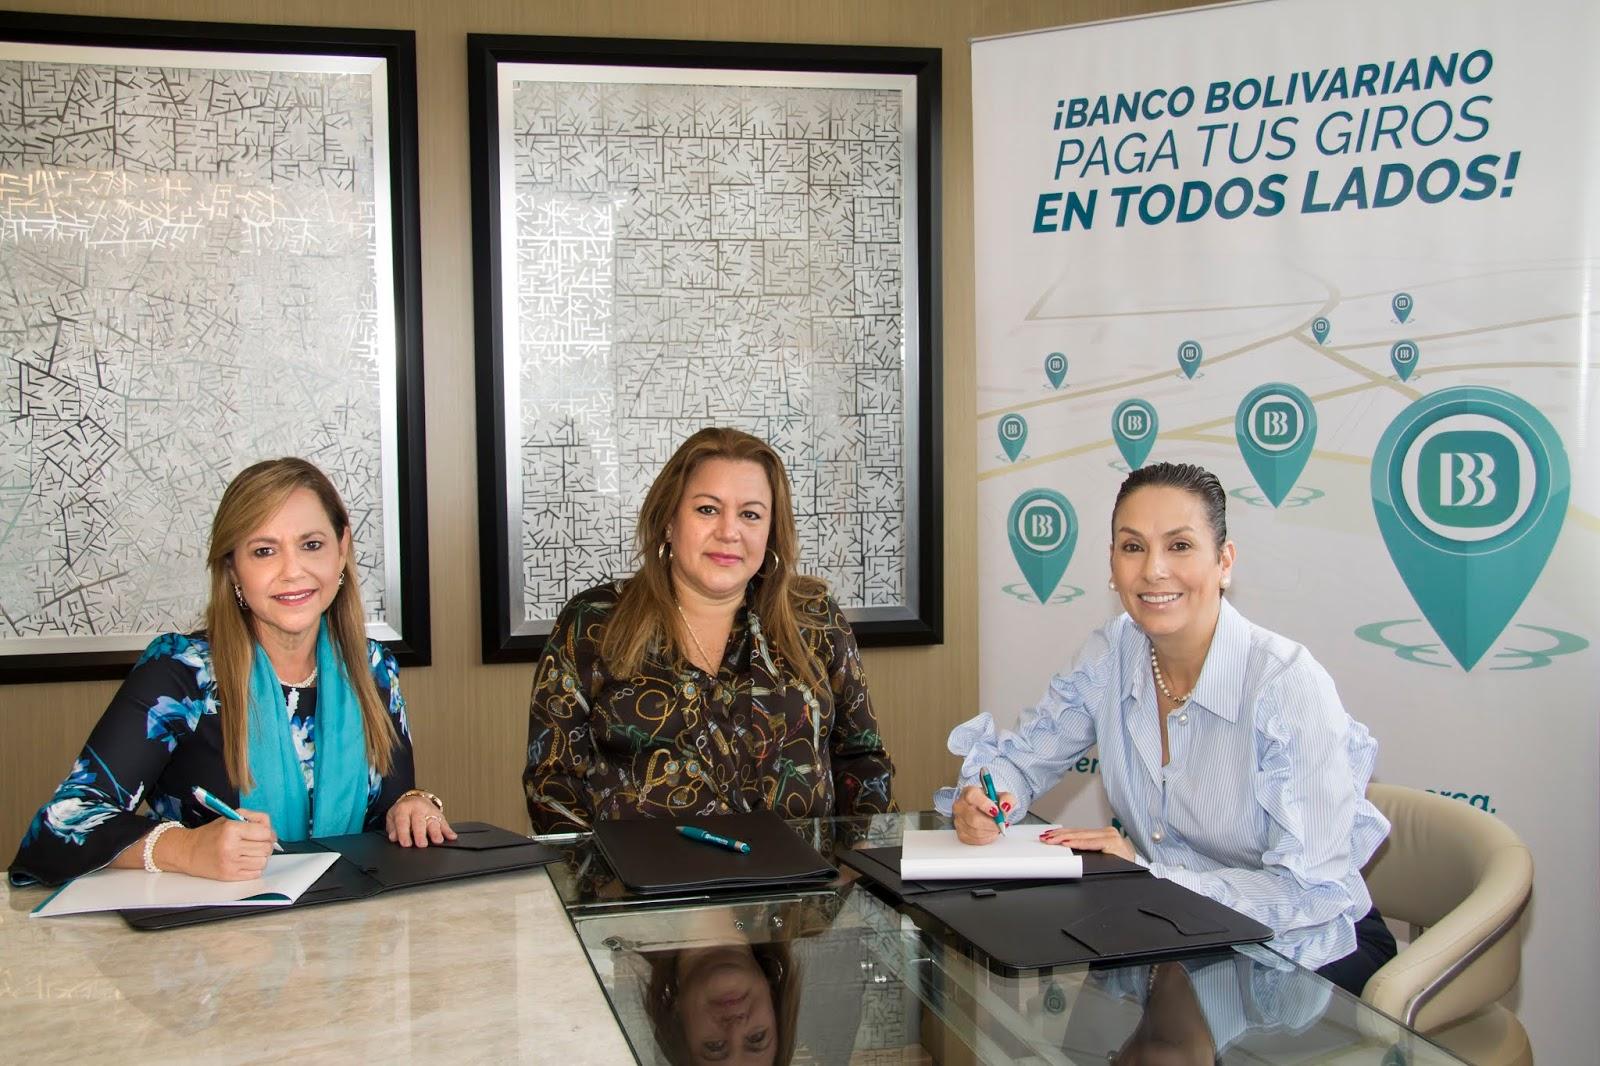 Banco Bolivariano amplía su red de pagos a nivel nacional.